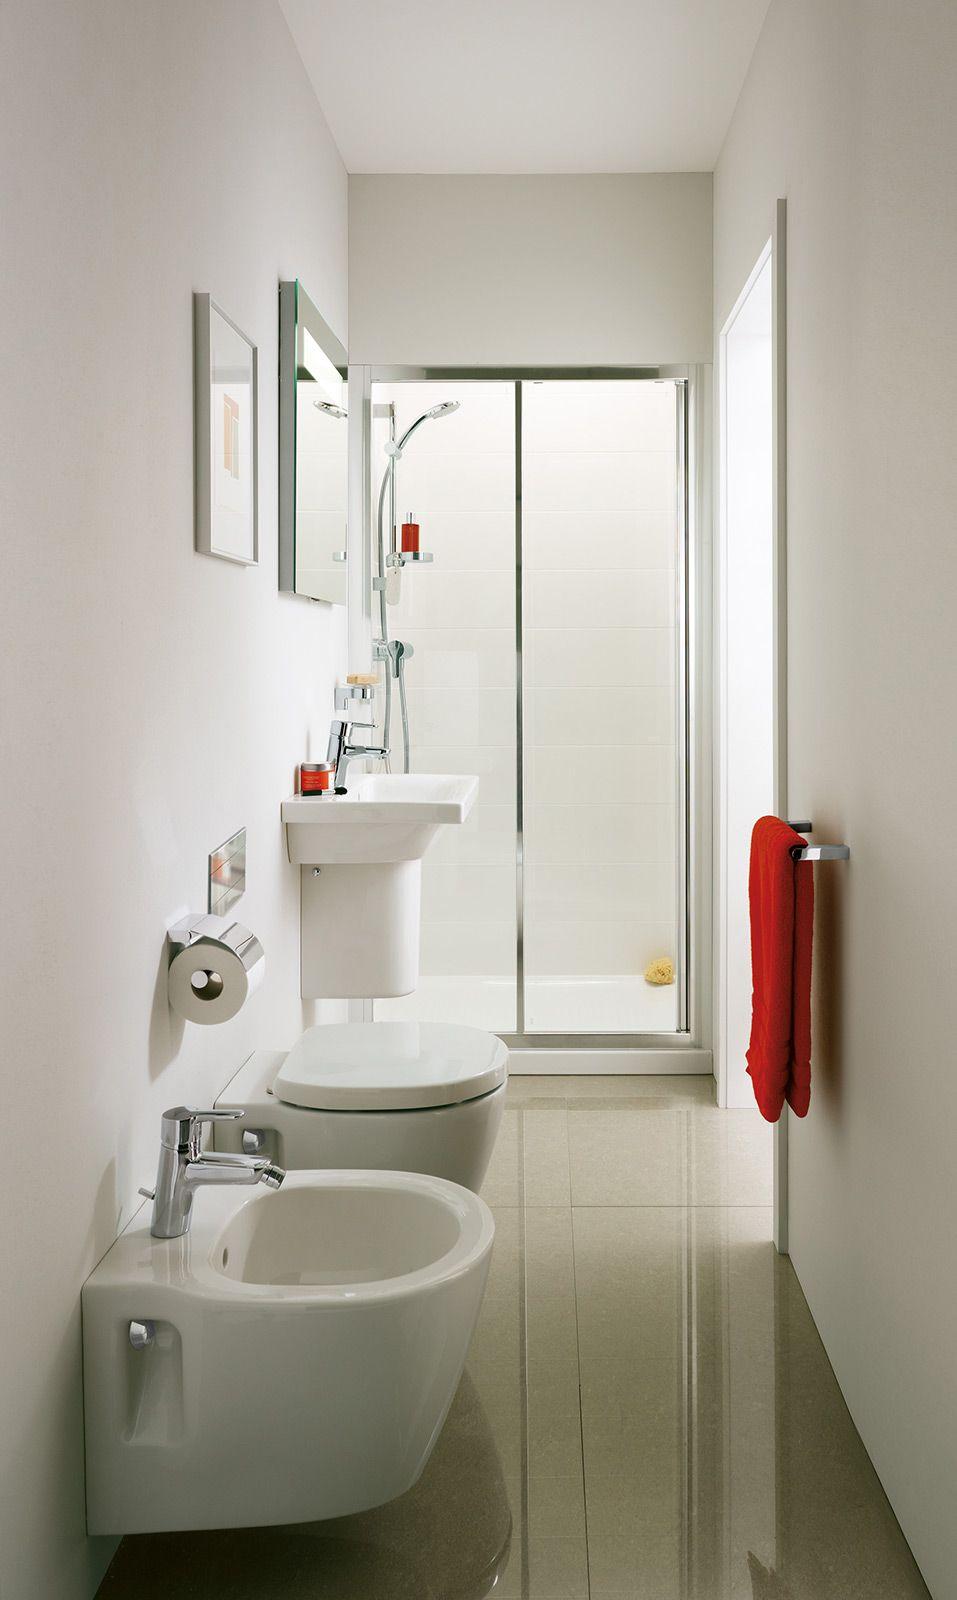 bagno stretto e lungo - Cerca con Google | bagno | Pinterest ...